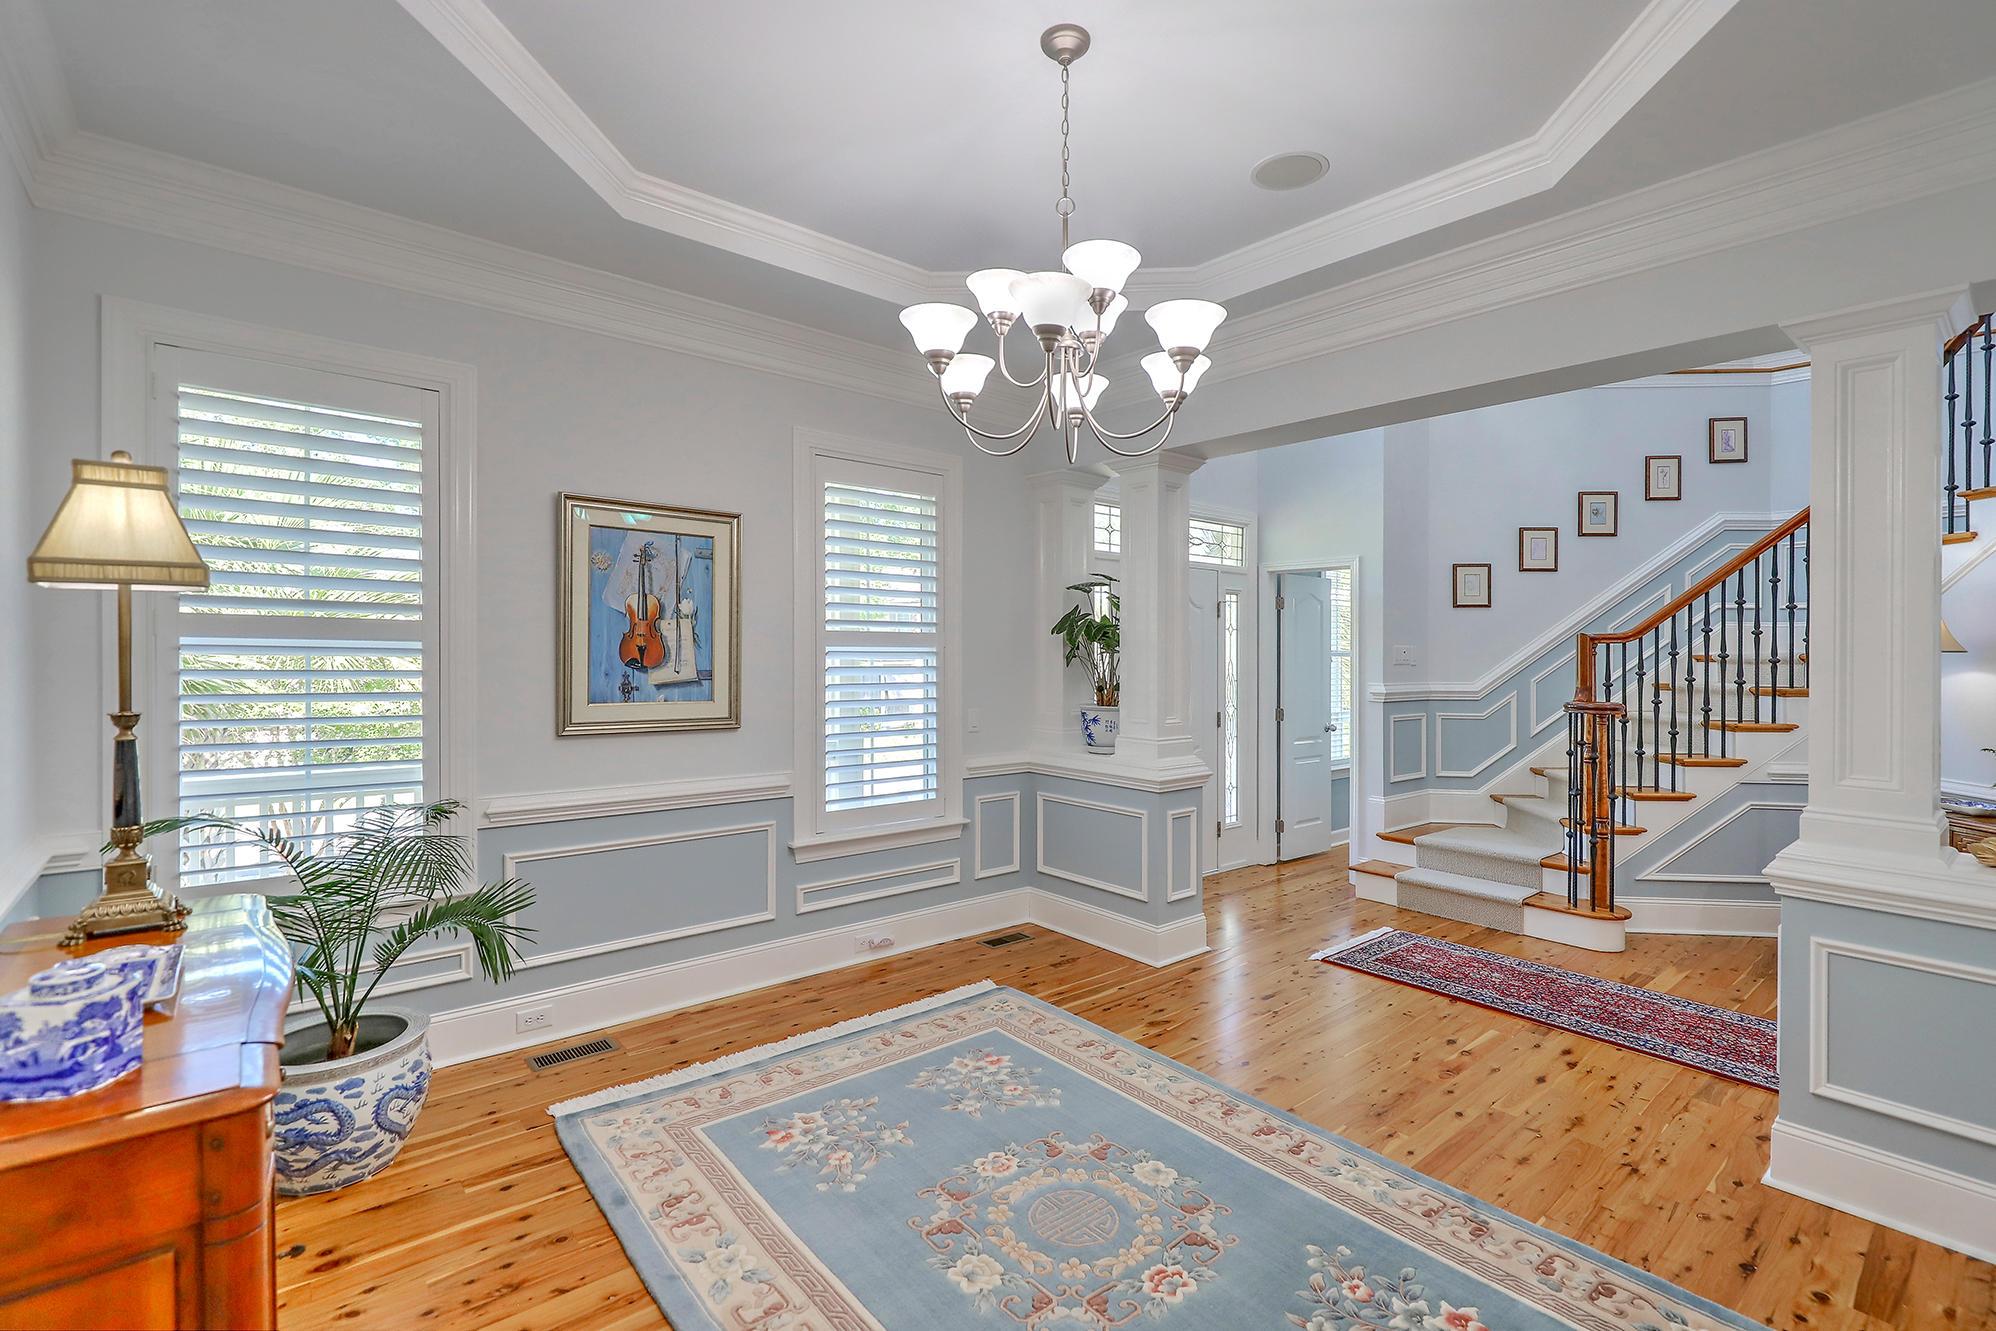 Park West Homes For Sale - 2108 Malcolm, Mount Pleasant, SC - 36